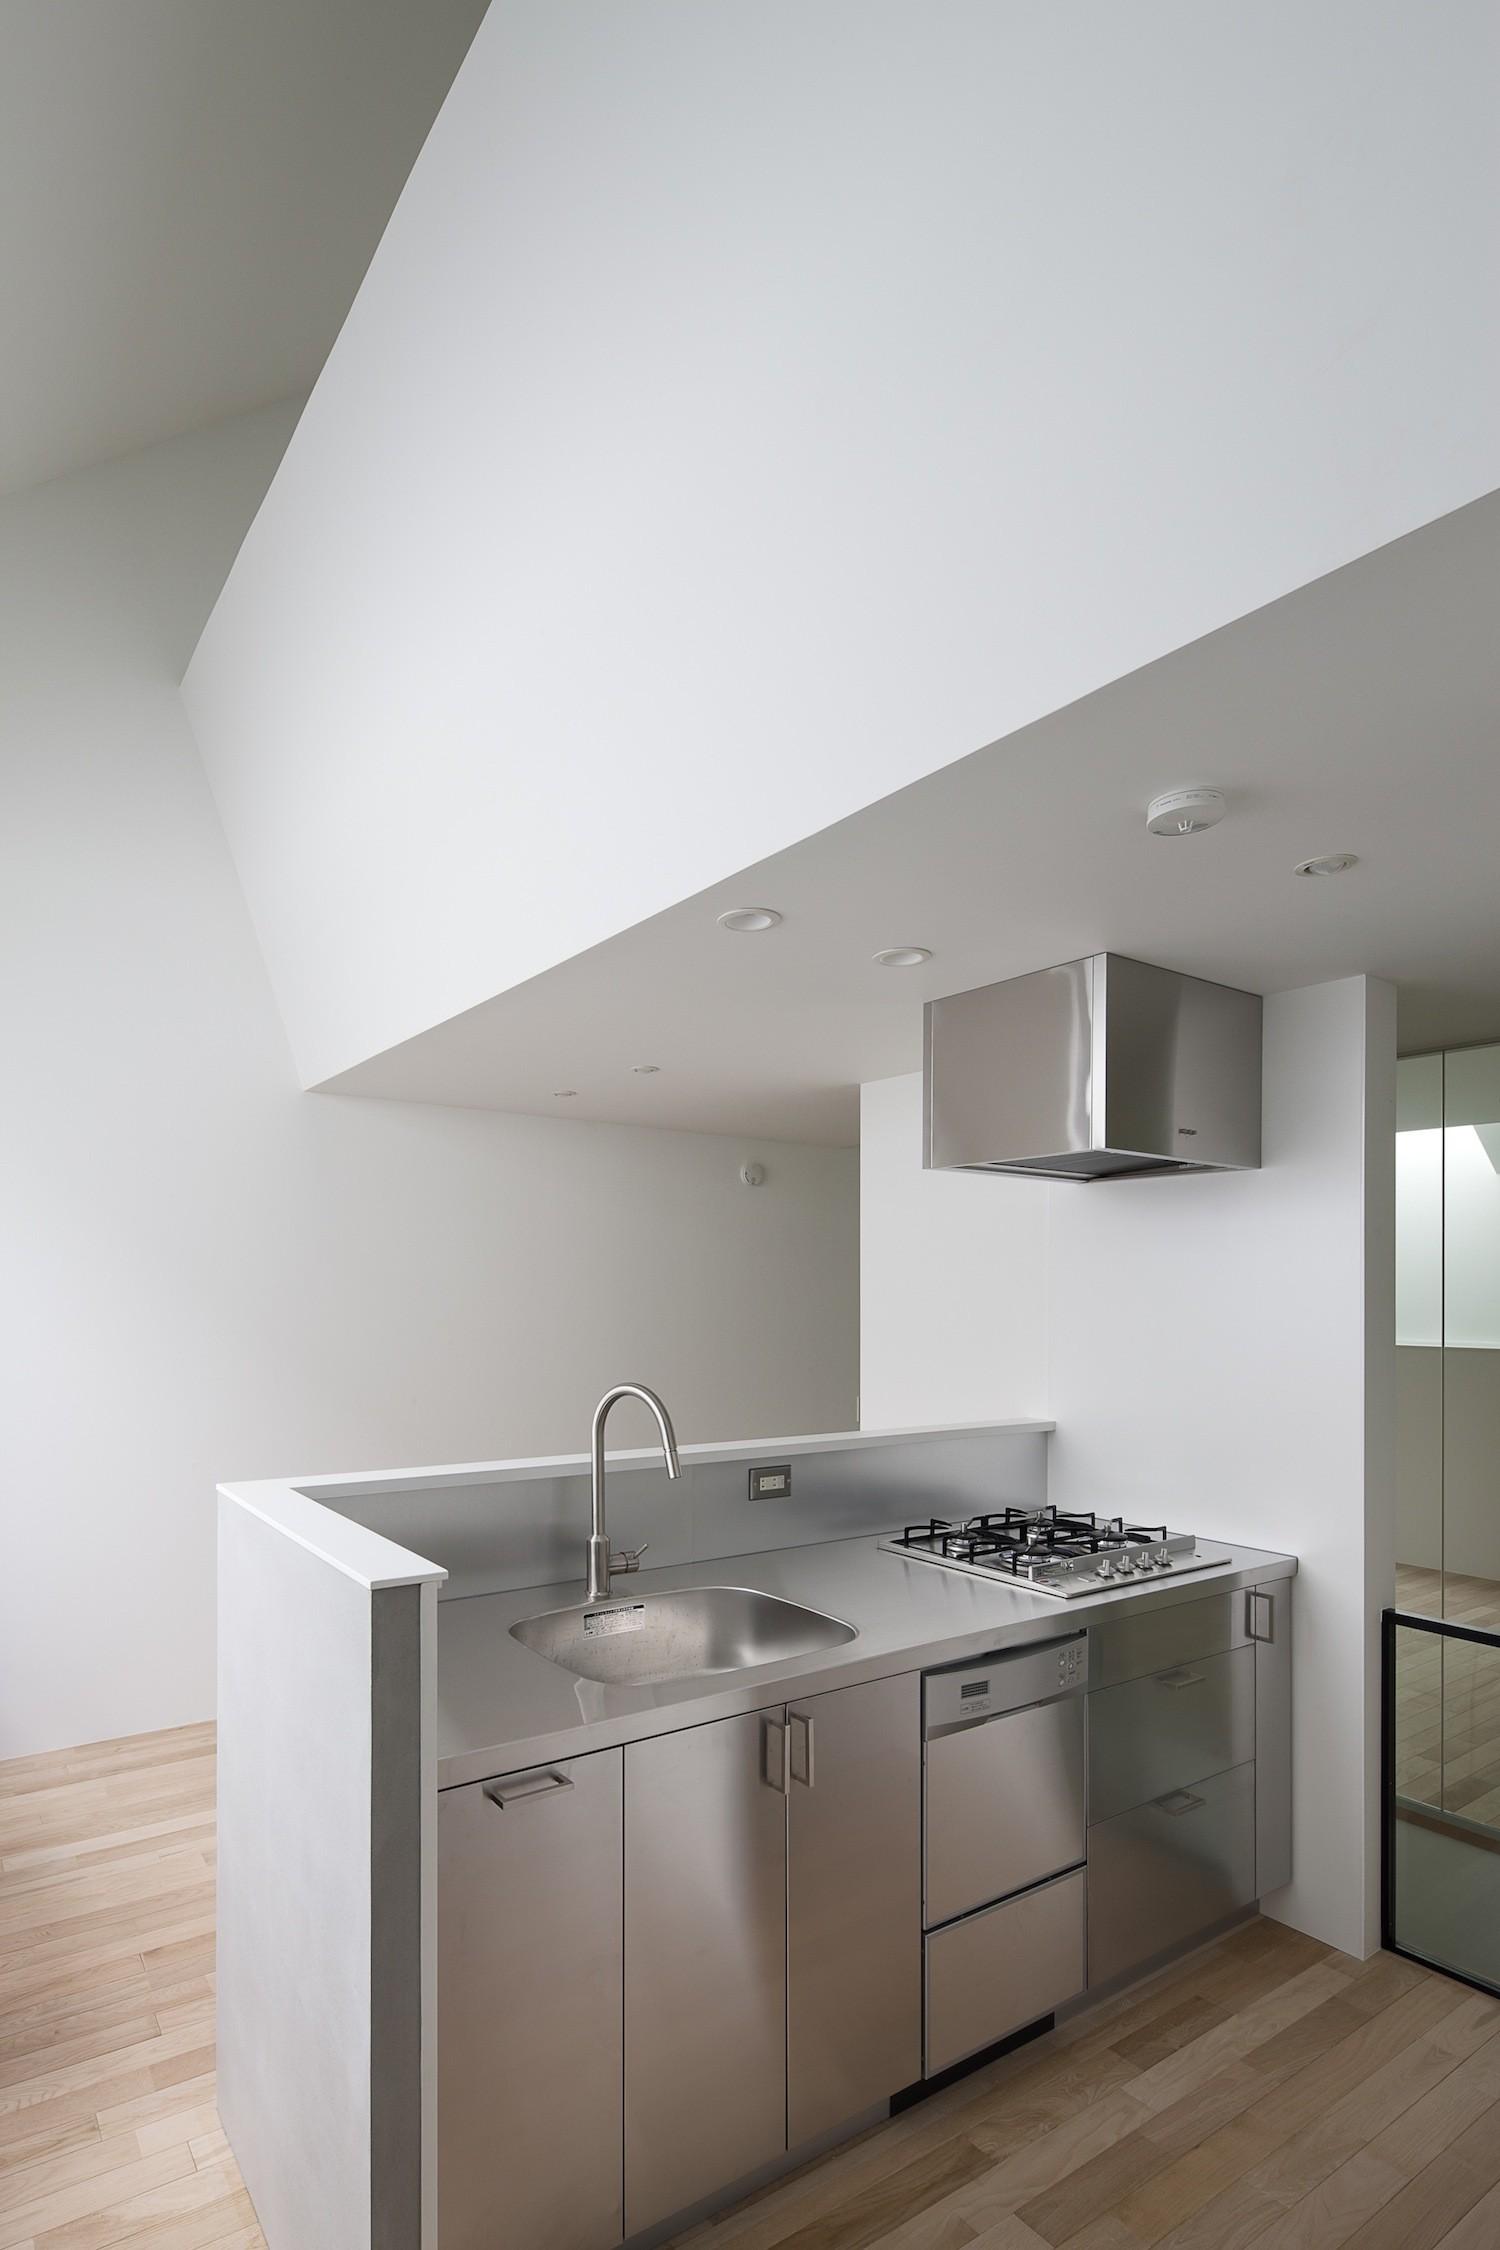 キッチン事例:ステンレスキッチン(さいたまの旗竿敷地の家 OUCHI-21)